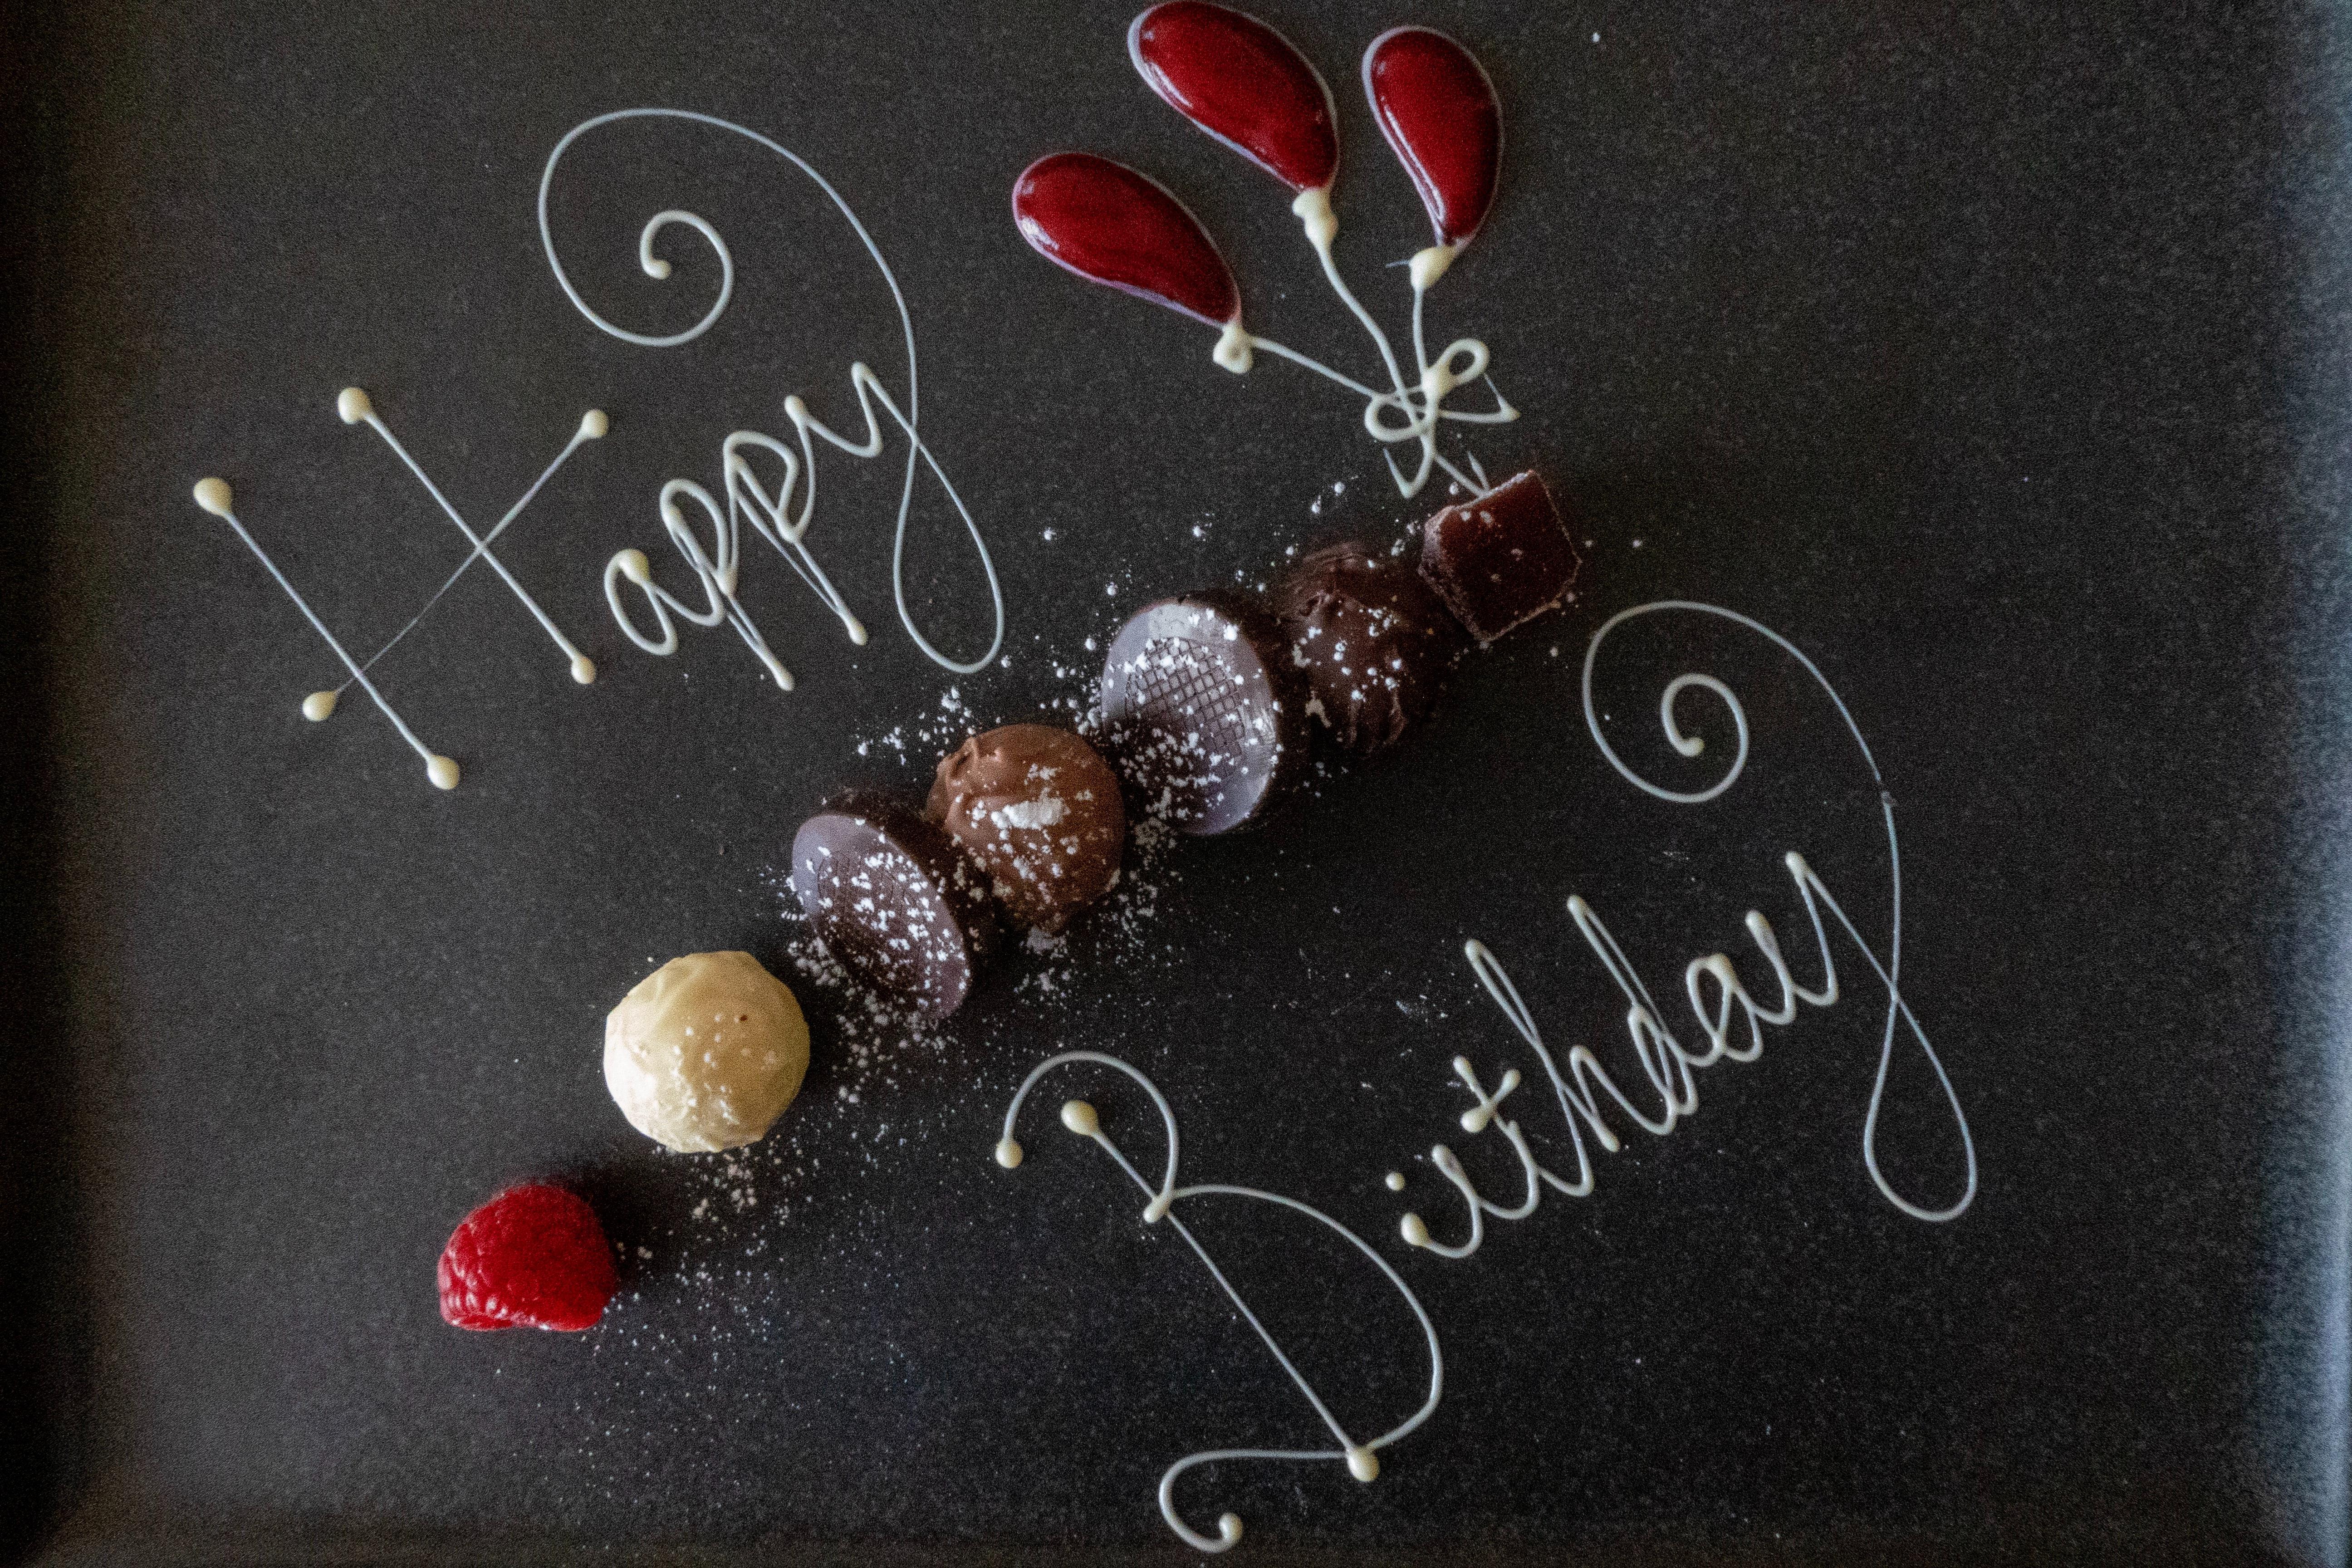 【無料あり】誕生日のお祝い動画に使える素材サイトまとめ